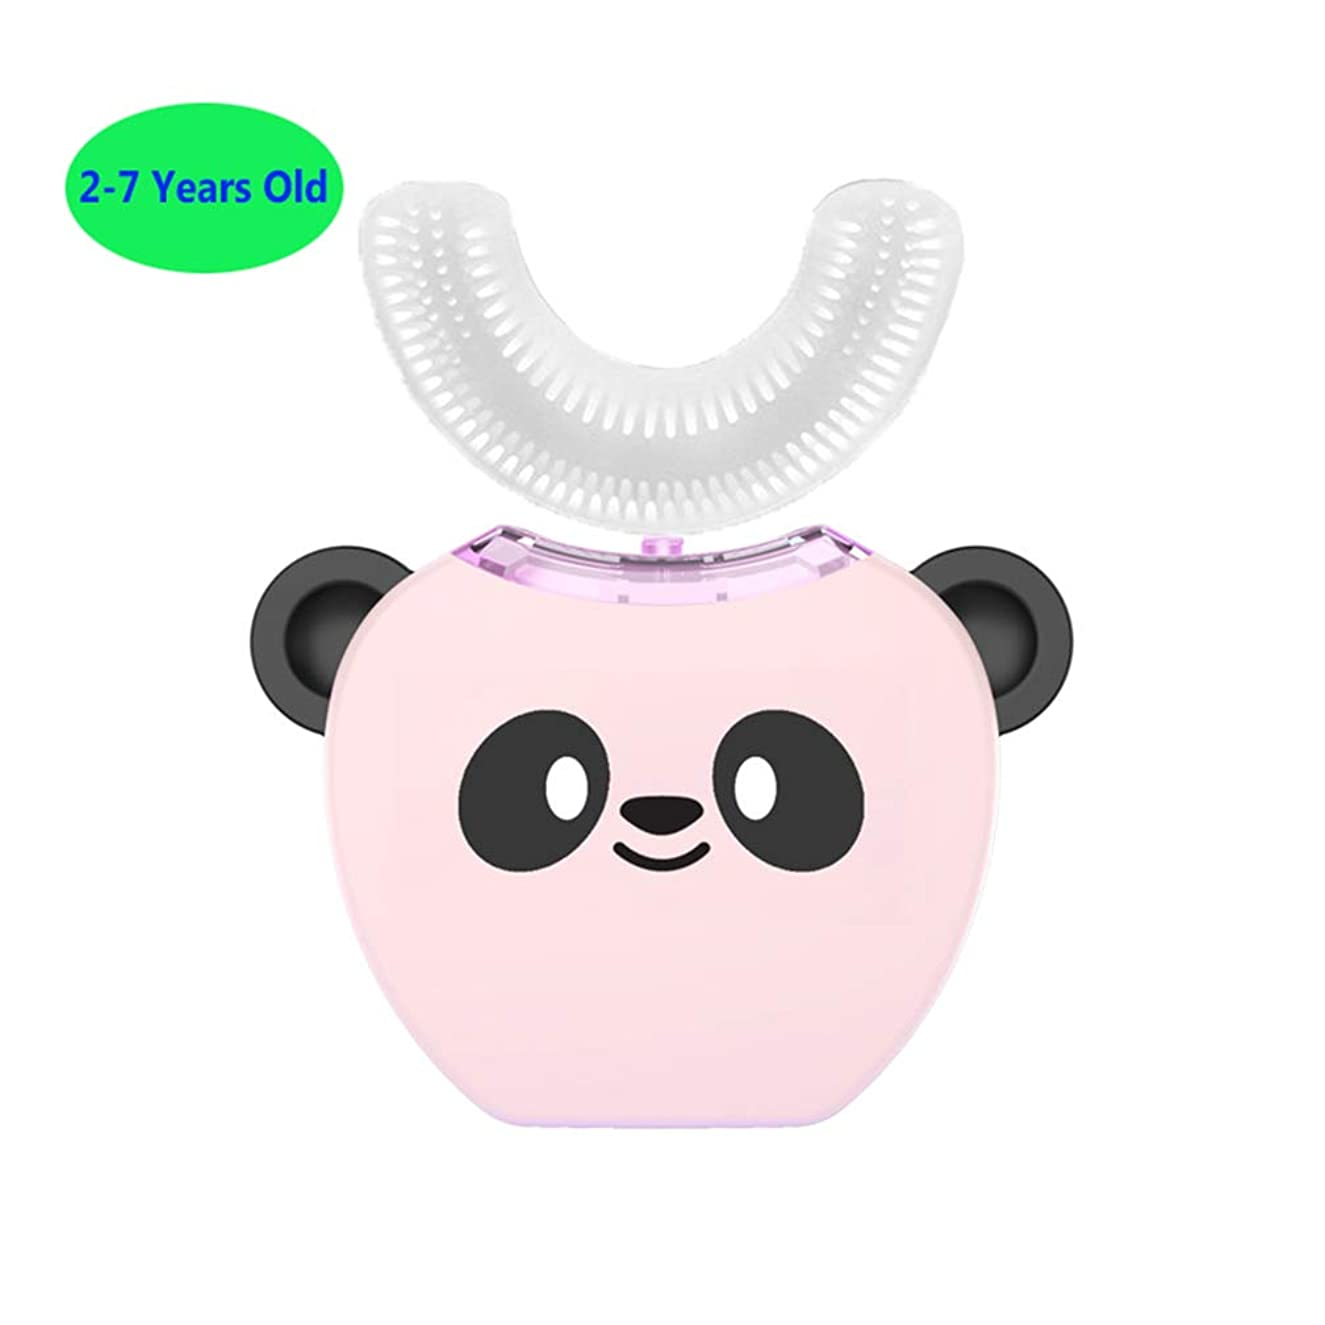 前文不良品誰が子供のためのフルオートの電動歯ブラシ、360°超音波電動歯ブラシ、冷光、美白装置、自動歯ブラシ、ワイヤレス充電ドック,Pink,2/7Years